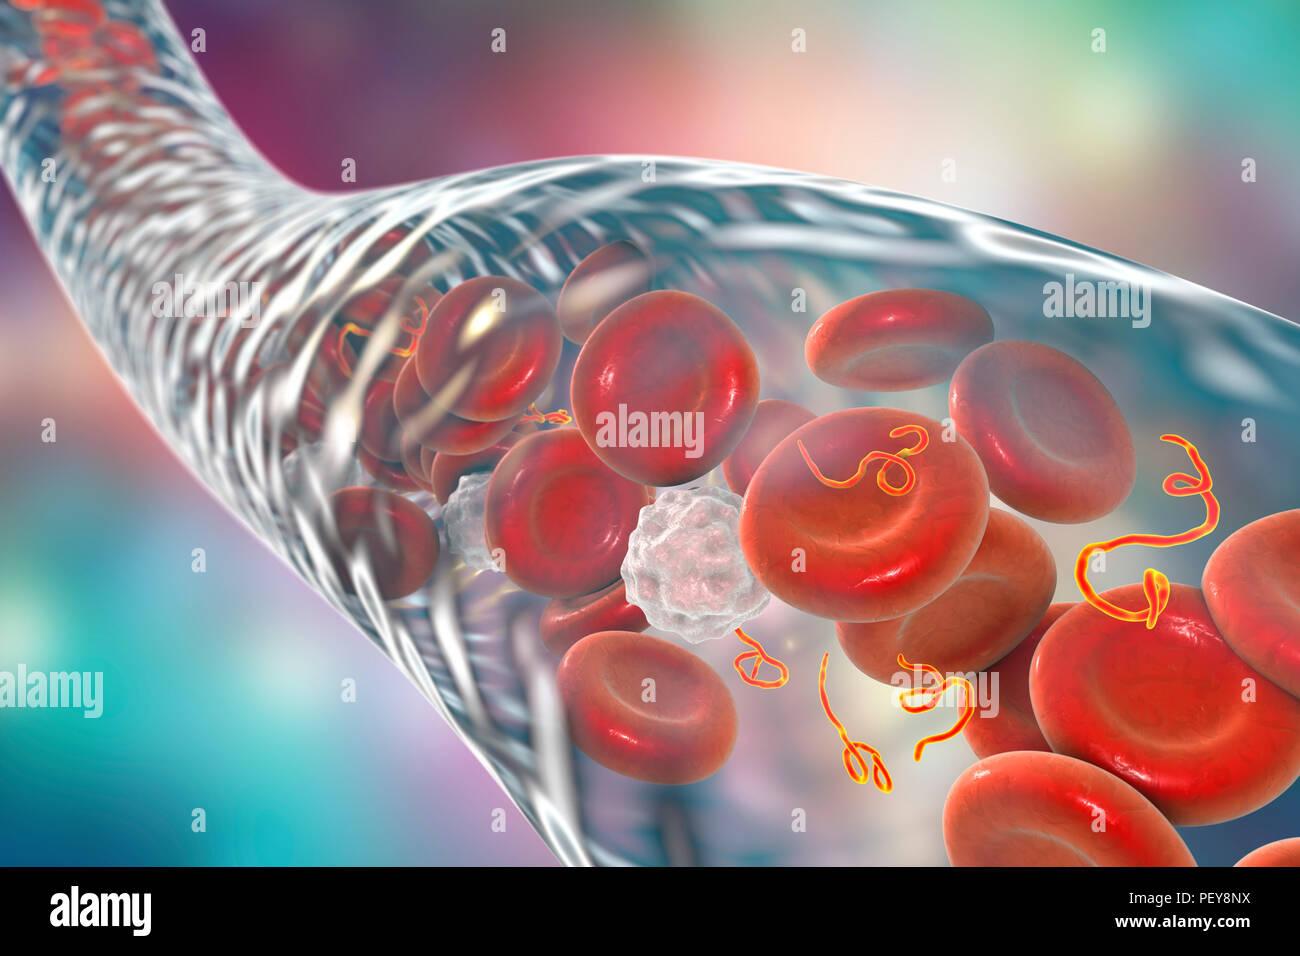 Ebola Virus Partikel Im Blut Computer Abbildung Dieses Virus Ist